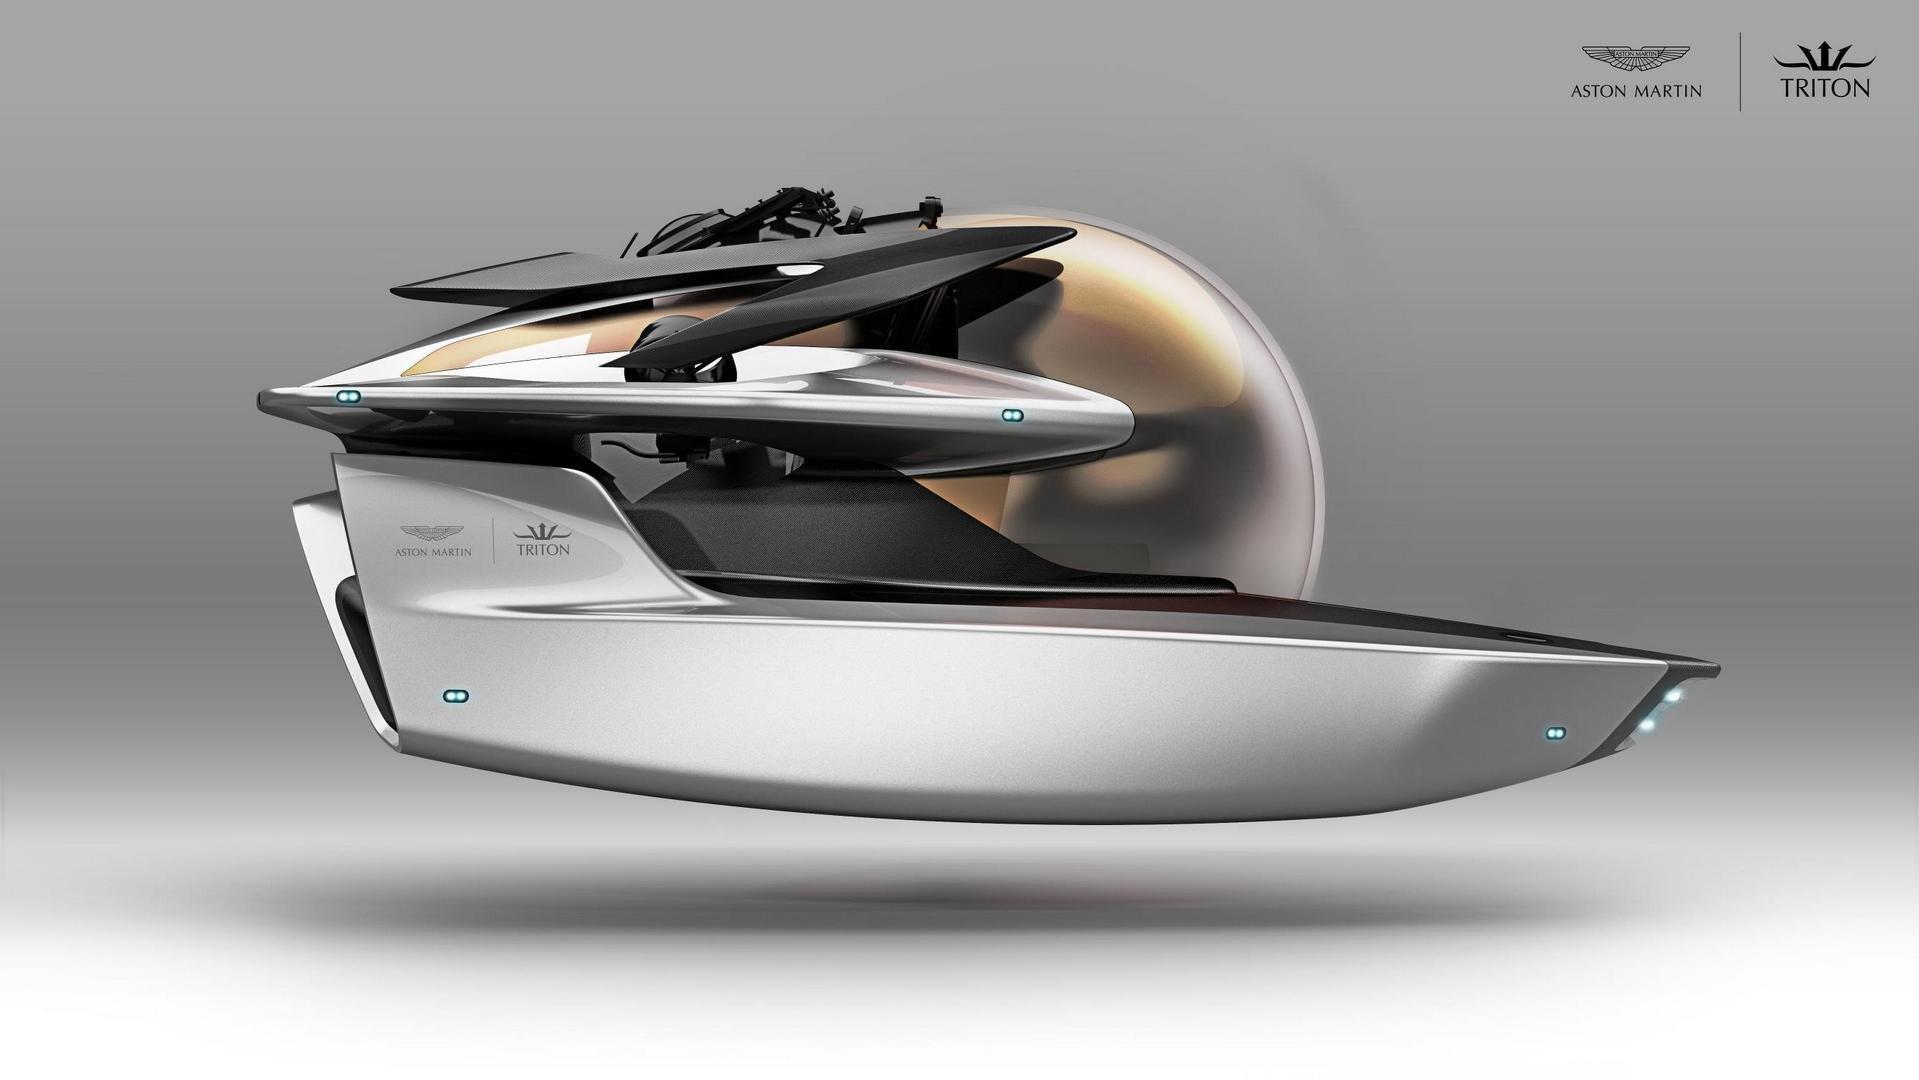 Астон Мартин готовится представить подводный Neptune Submersible